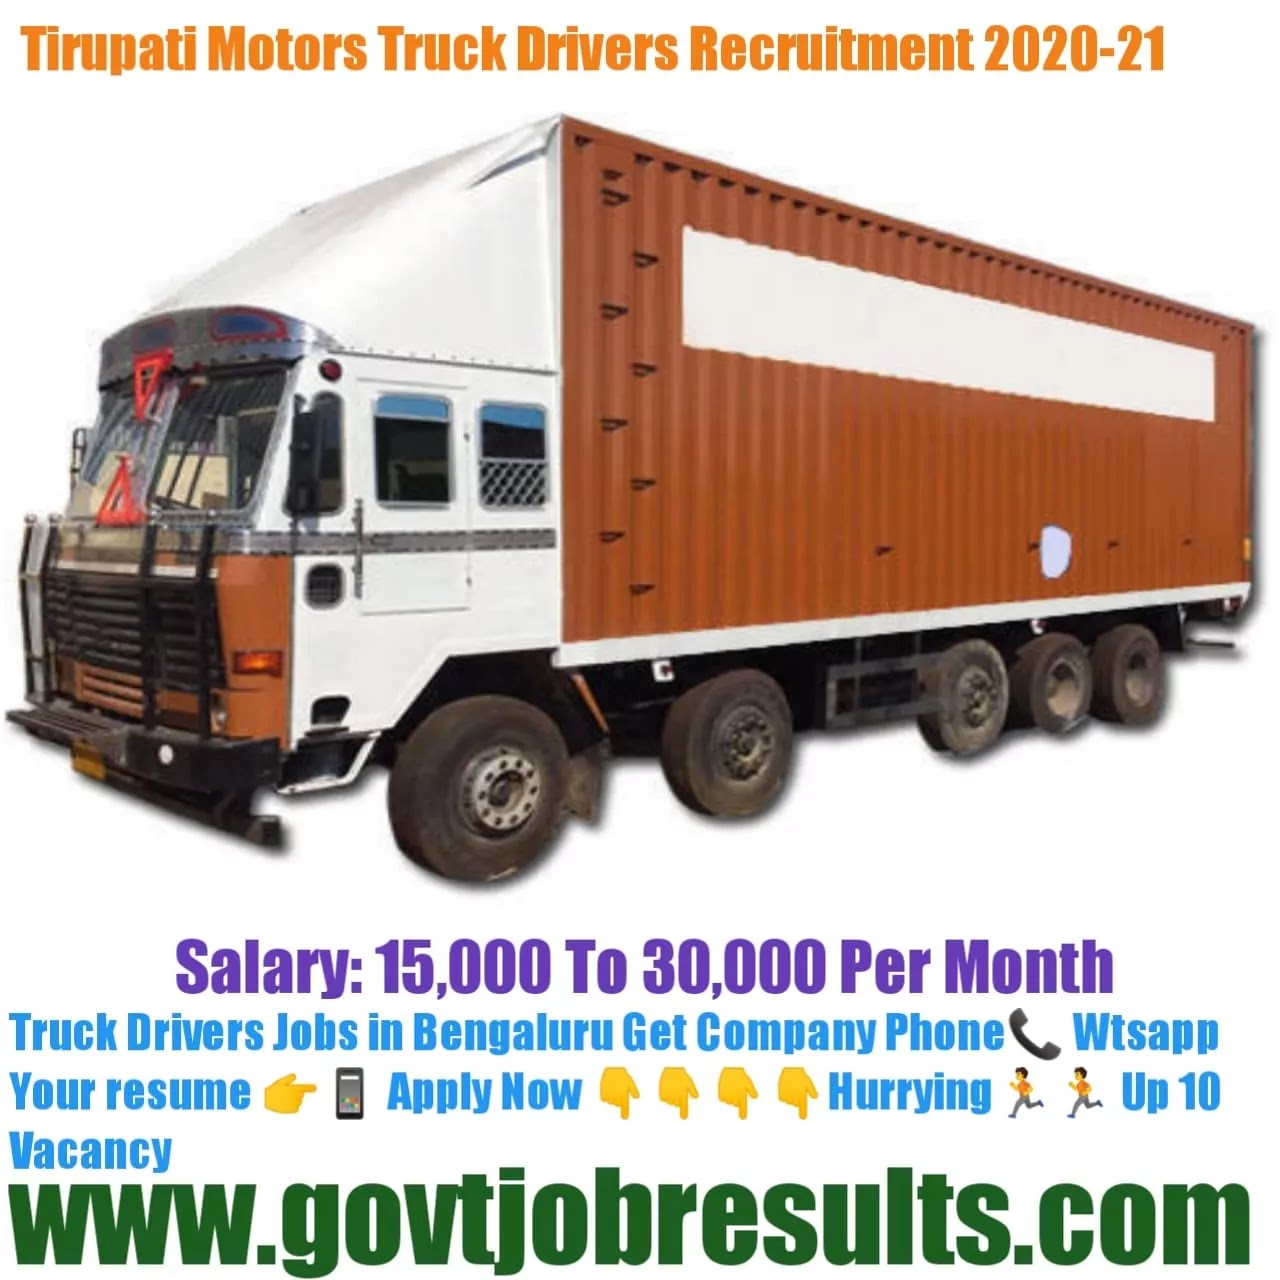 Tirupati Motors Truck Driver recruitment 2020-21